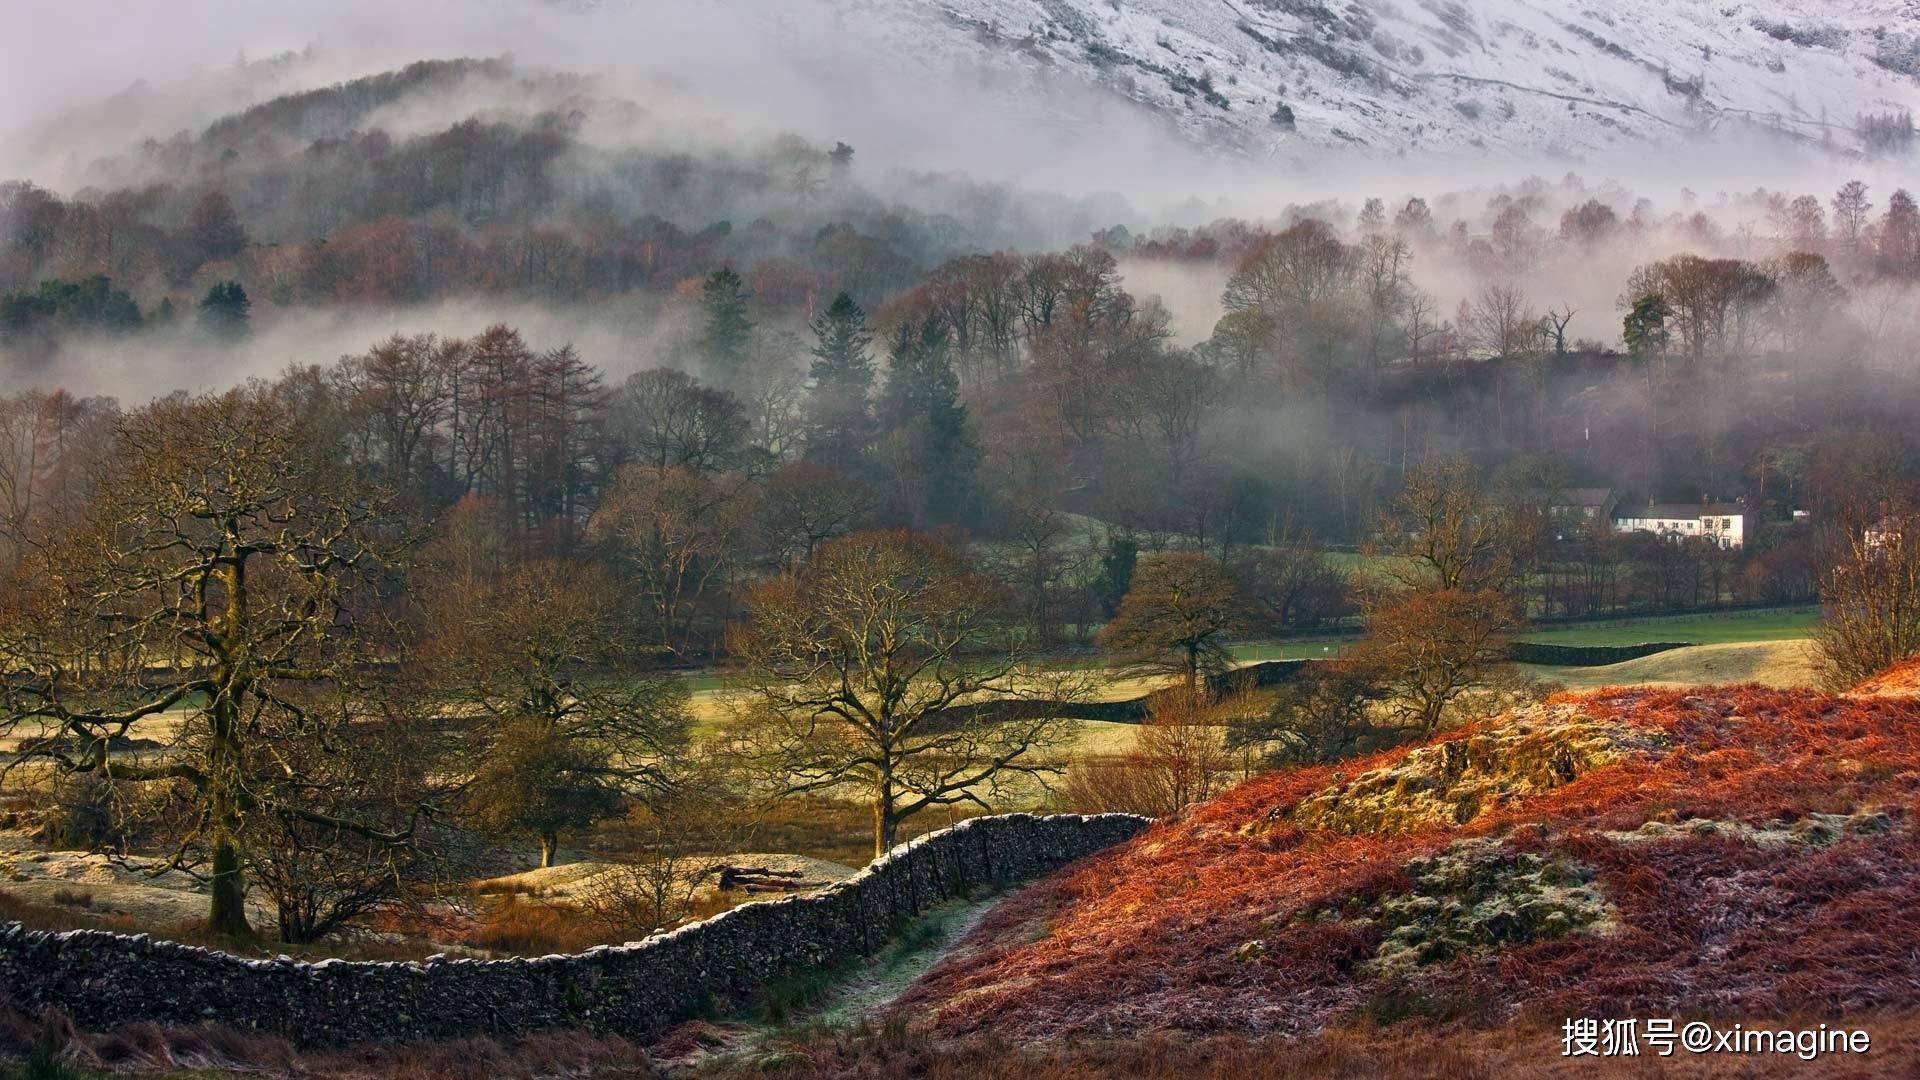 风景壁纸图片欣赏 自然风光摄影图集